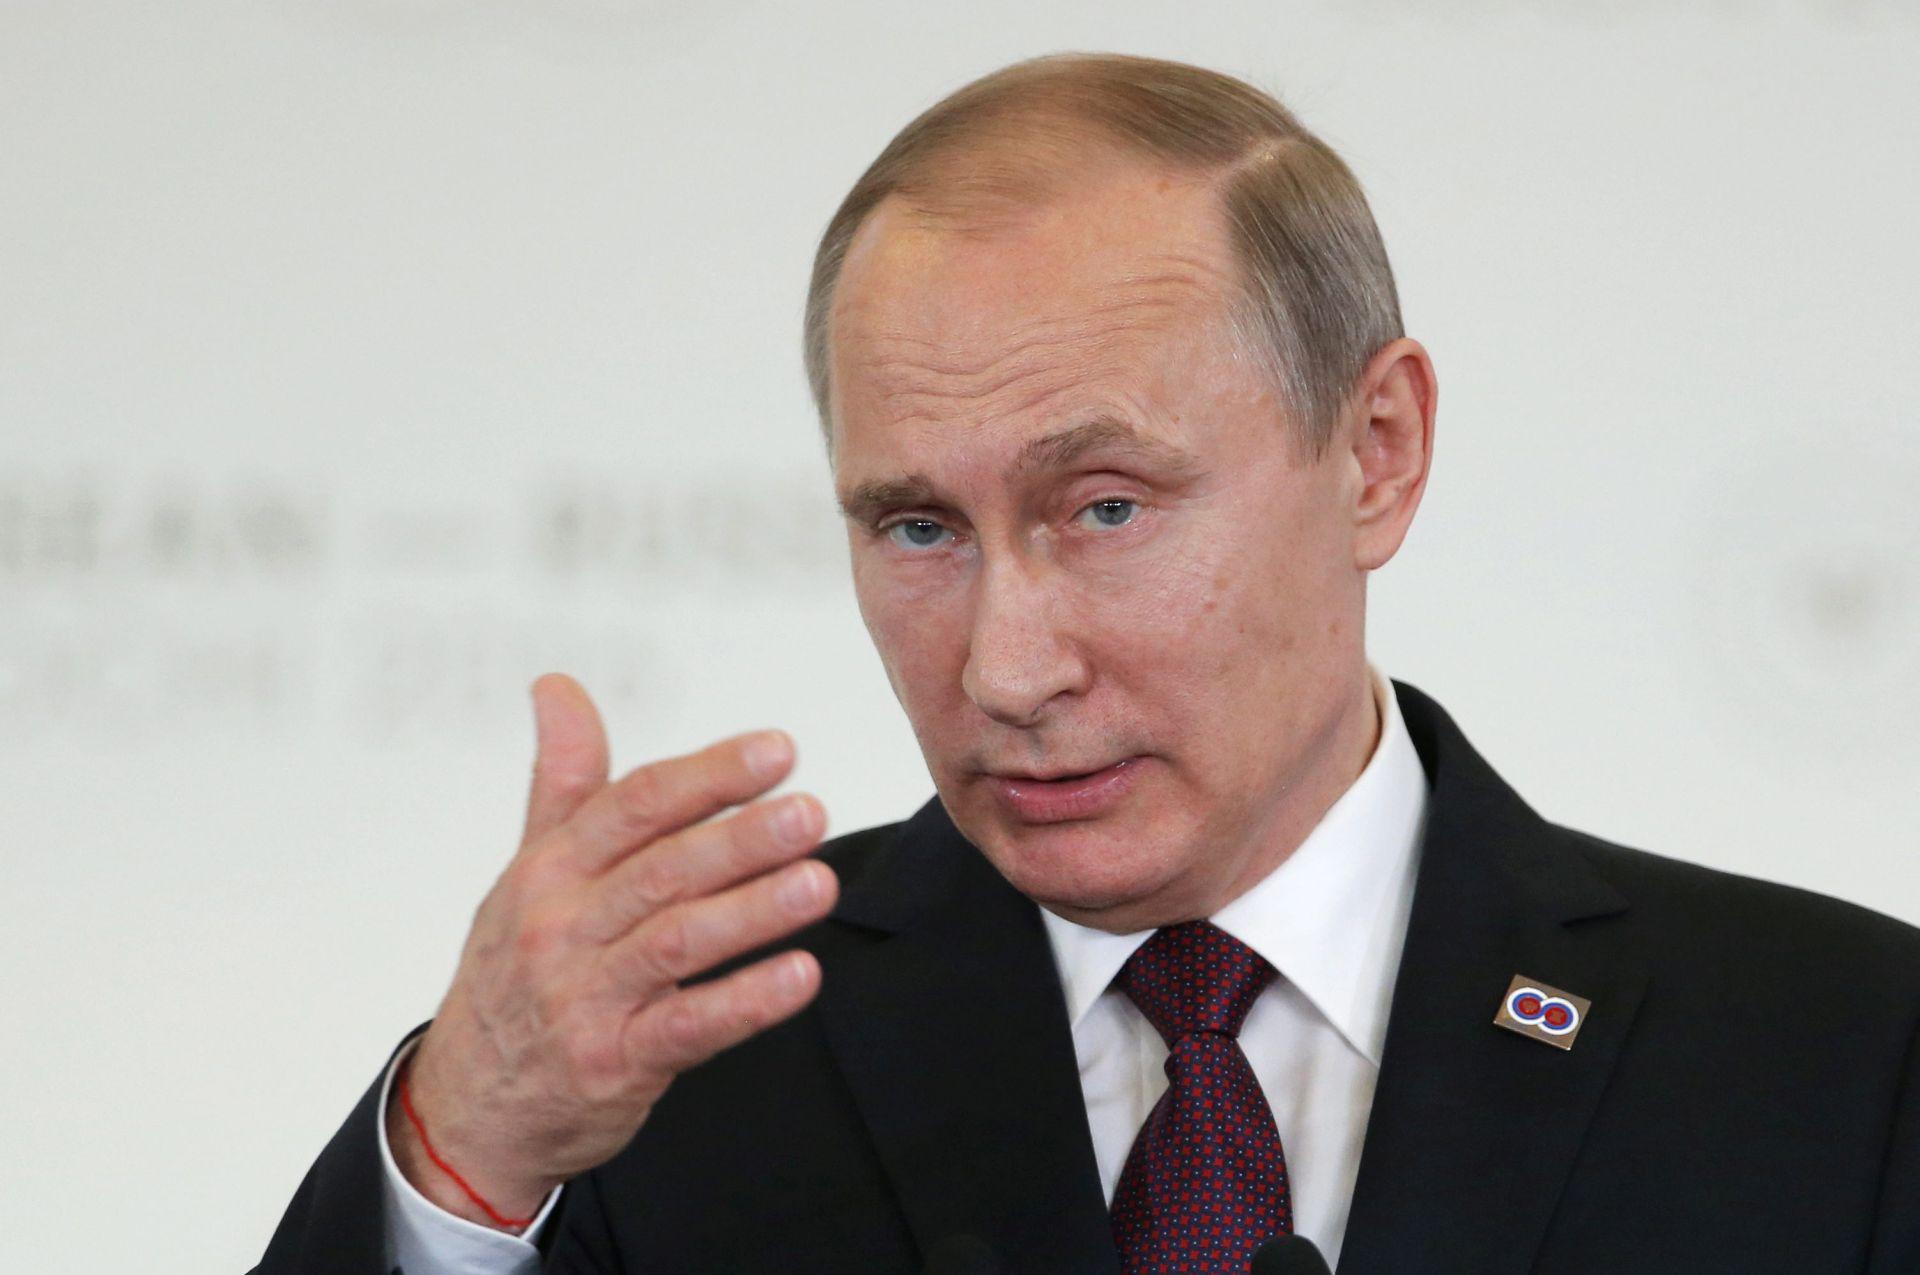 Rusija planira zabranu uvoza hrane sa Zapada produljiti do kraja 2017.